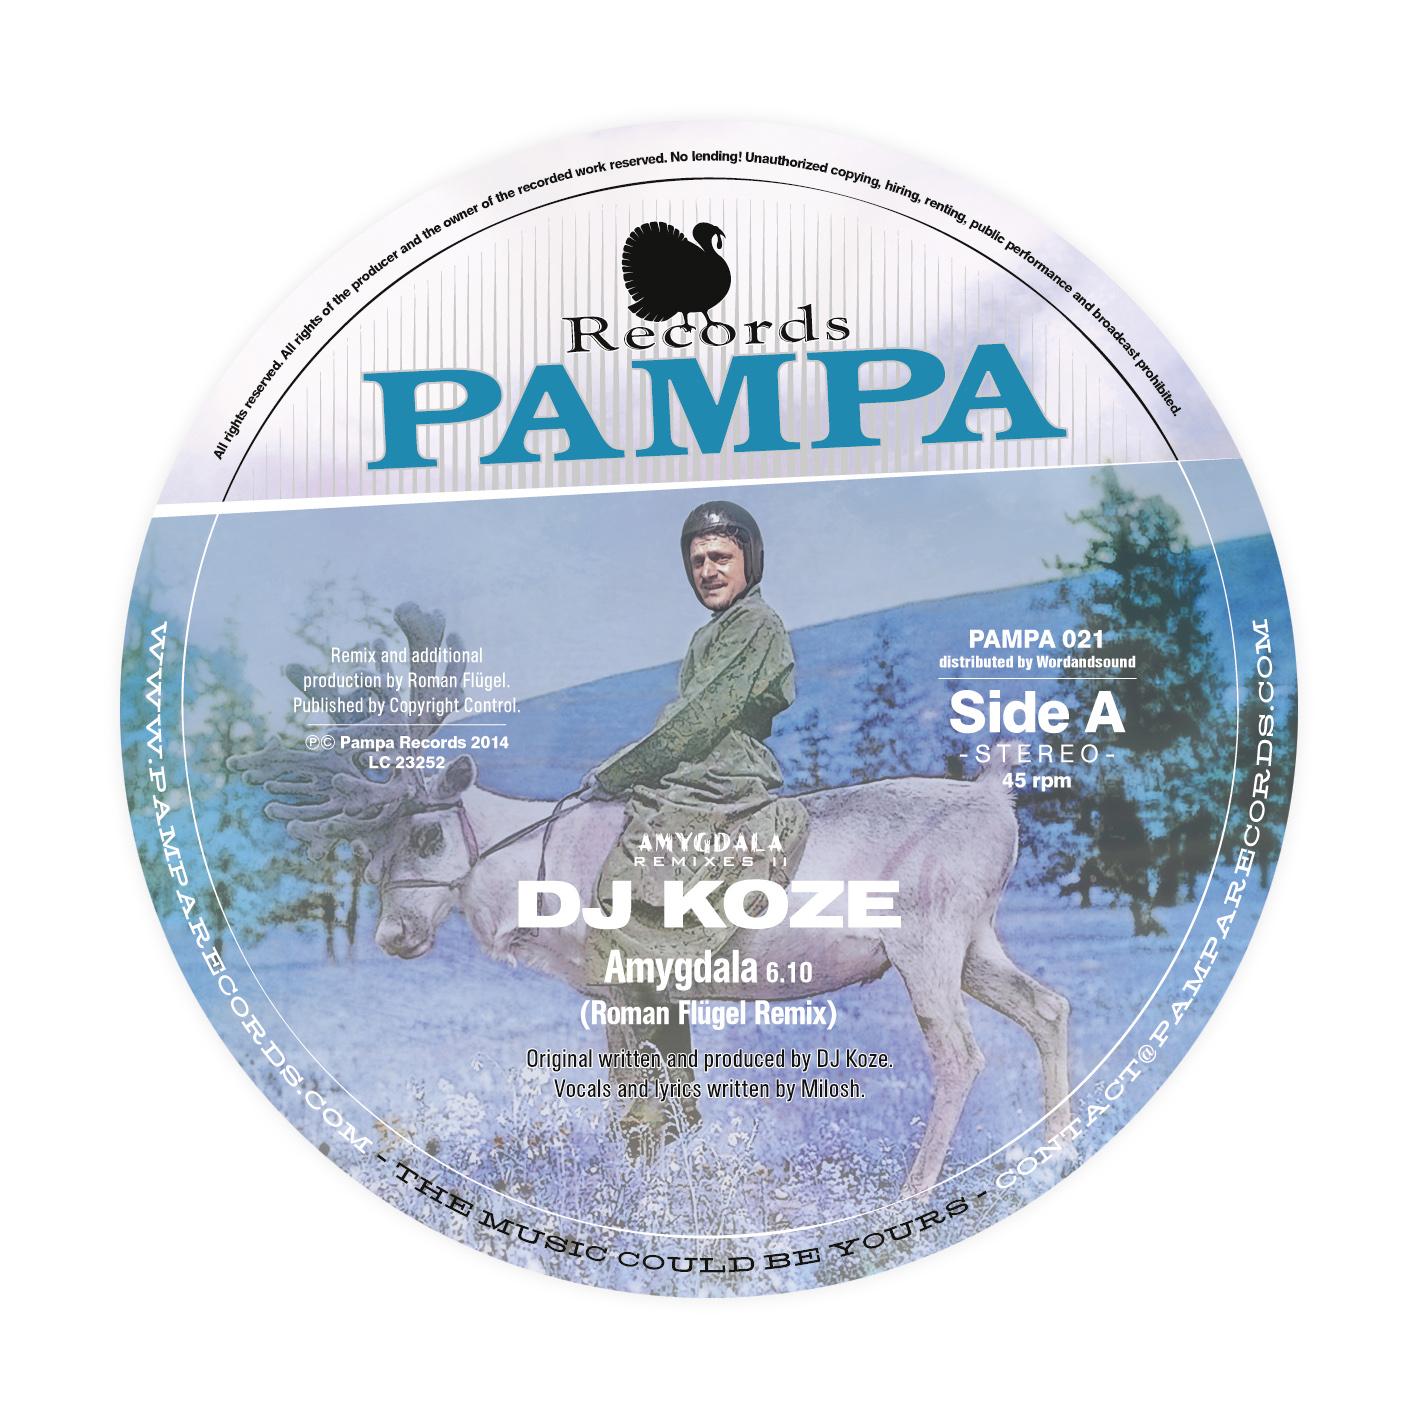 DJ Koze: nächste Runde Amygdala-Remixe mit Roman Flügel & Robag Wruhme